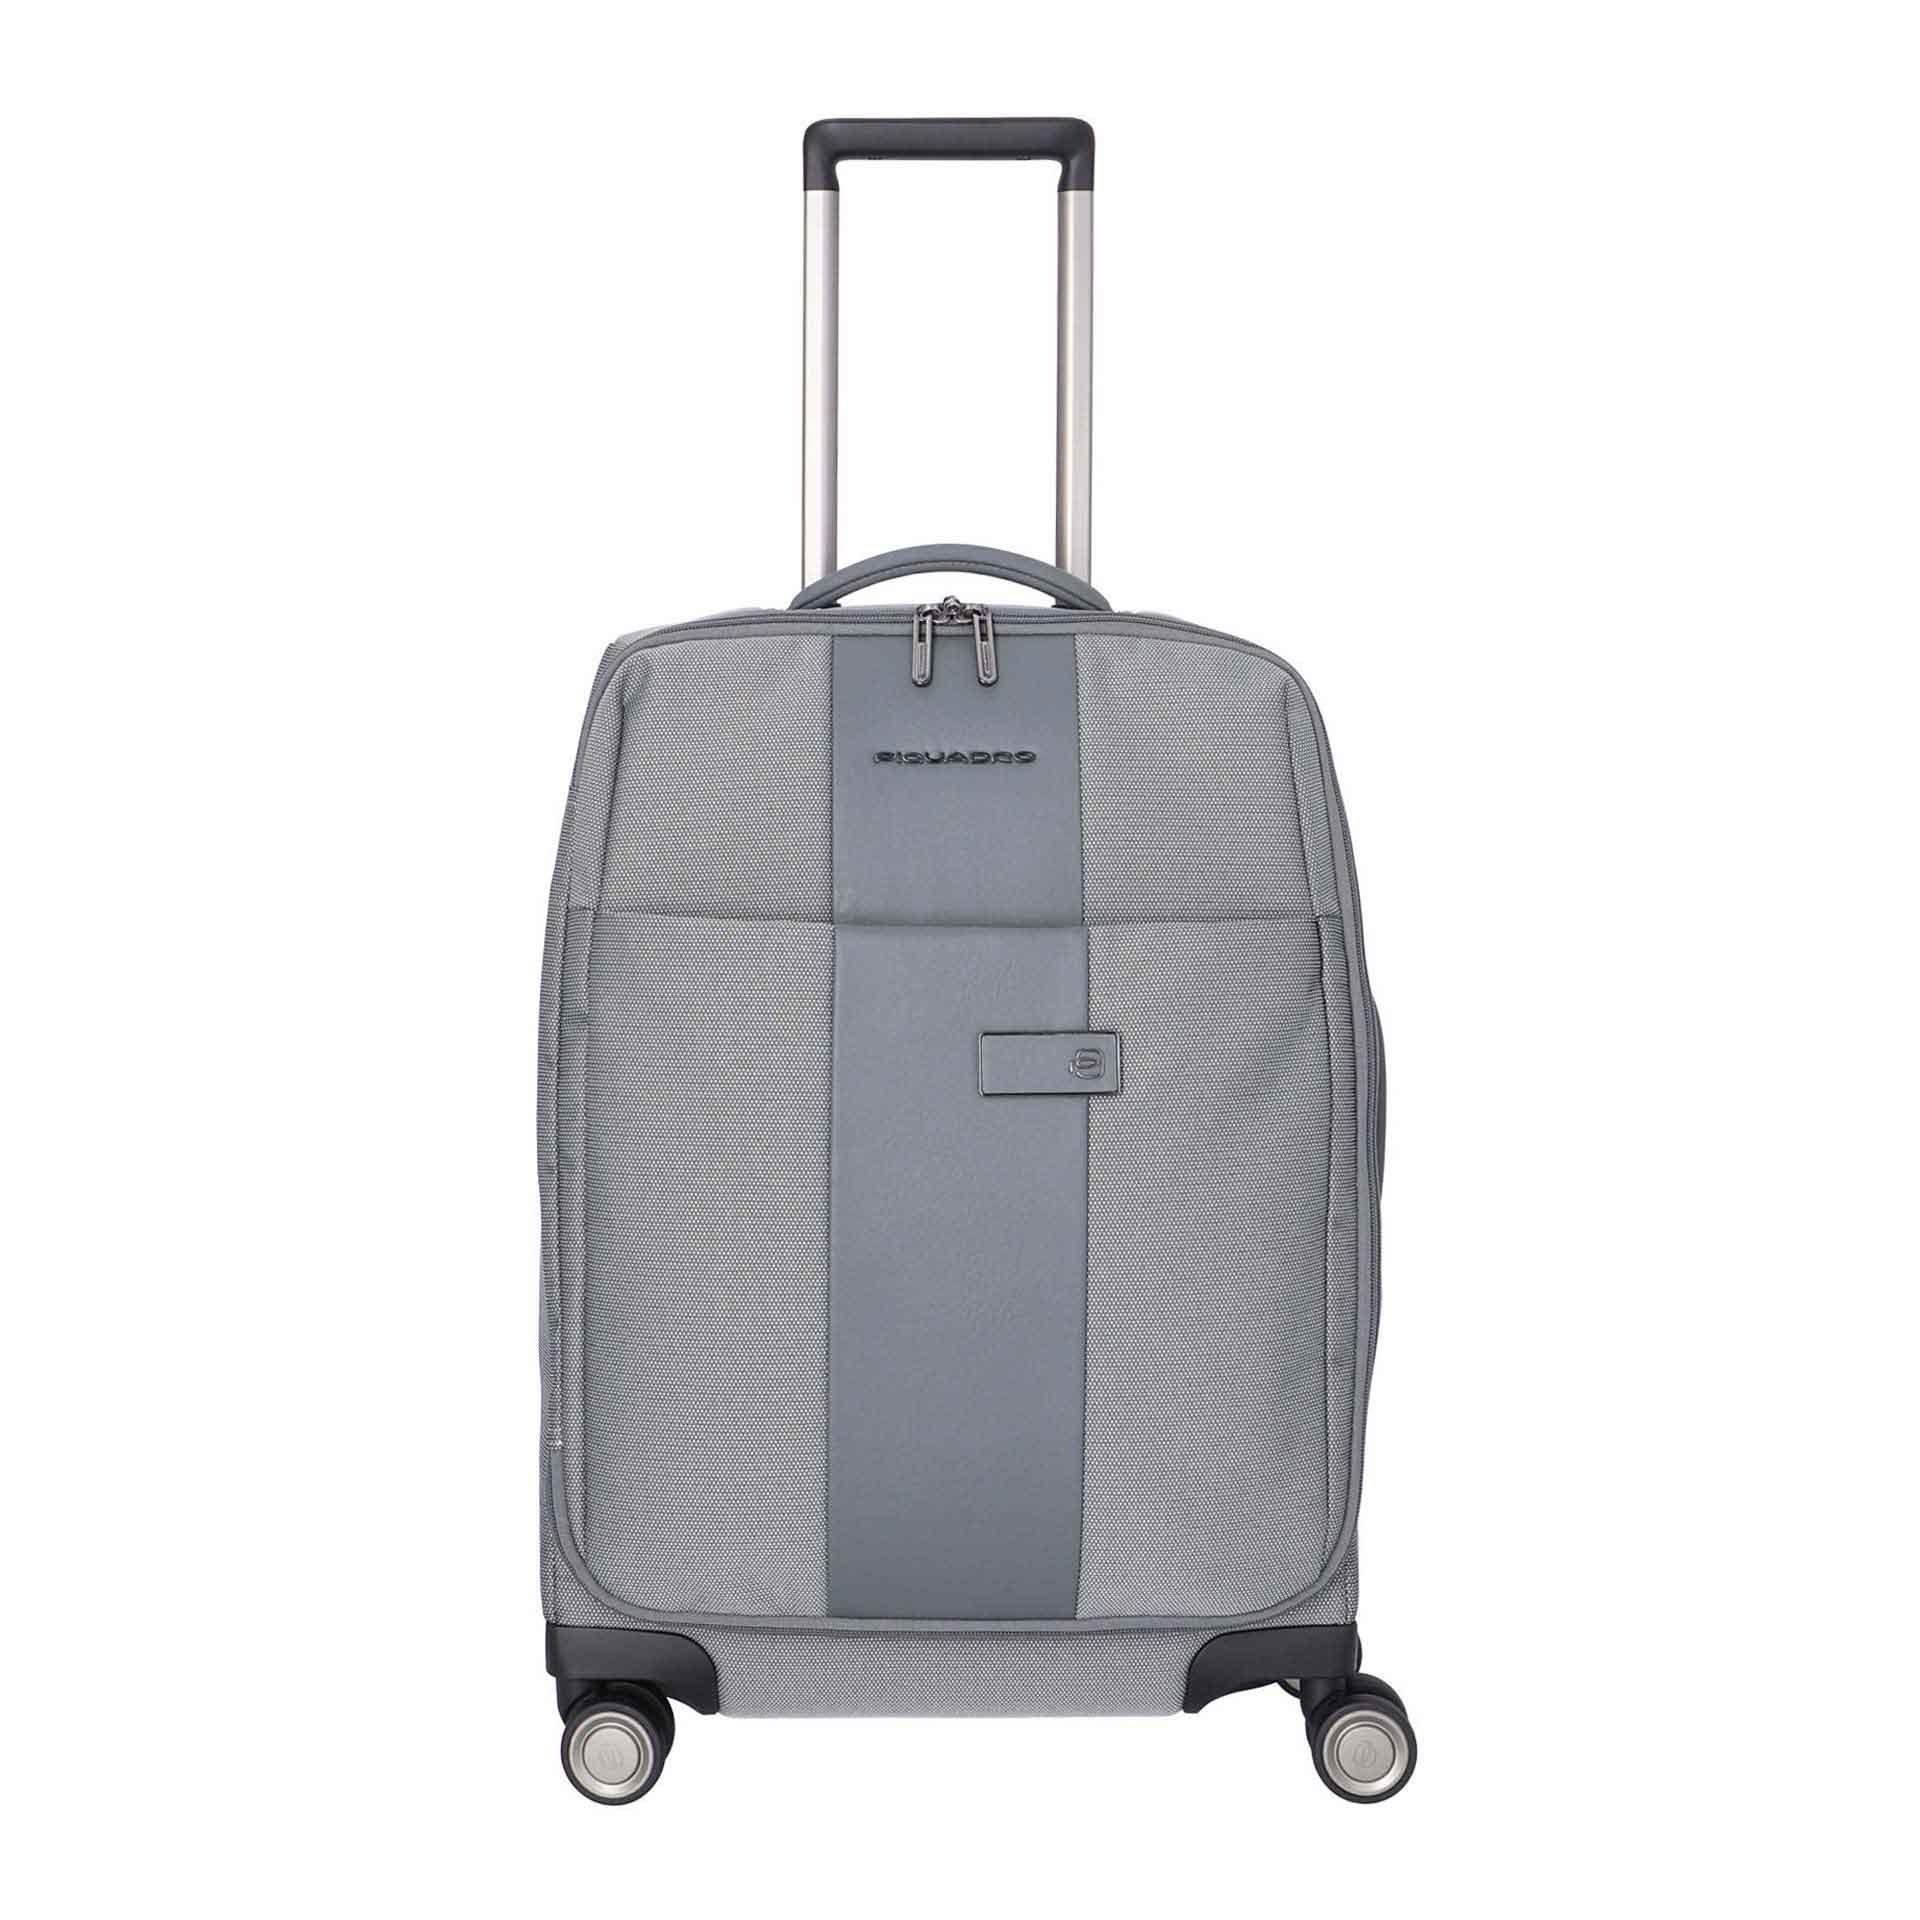 Piquadro Brief Eco 4-Rad Trolley  grey